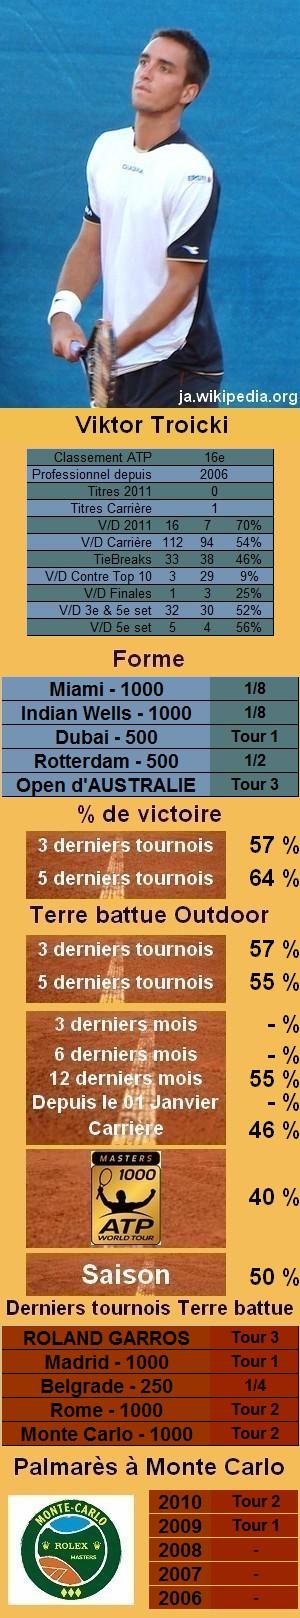 Les statistiques tennis de Viktor Troicki pour le tournoi de Monte Carlo